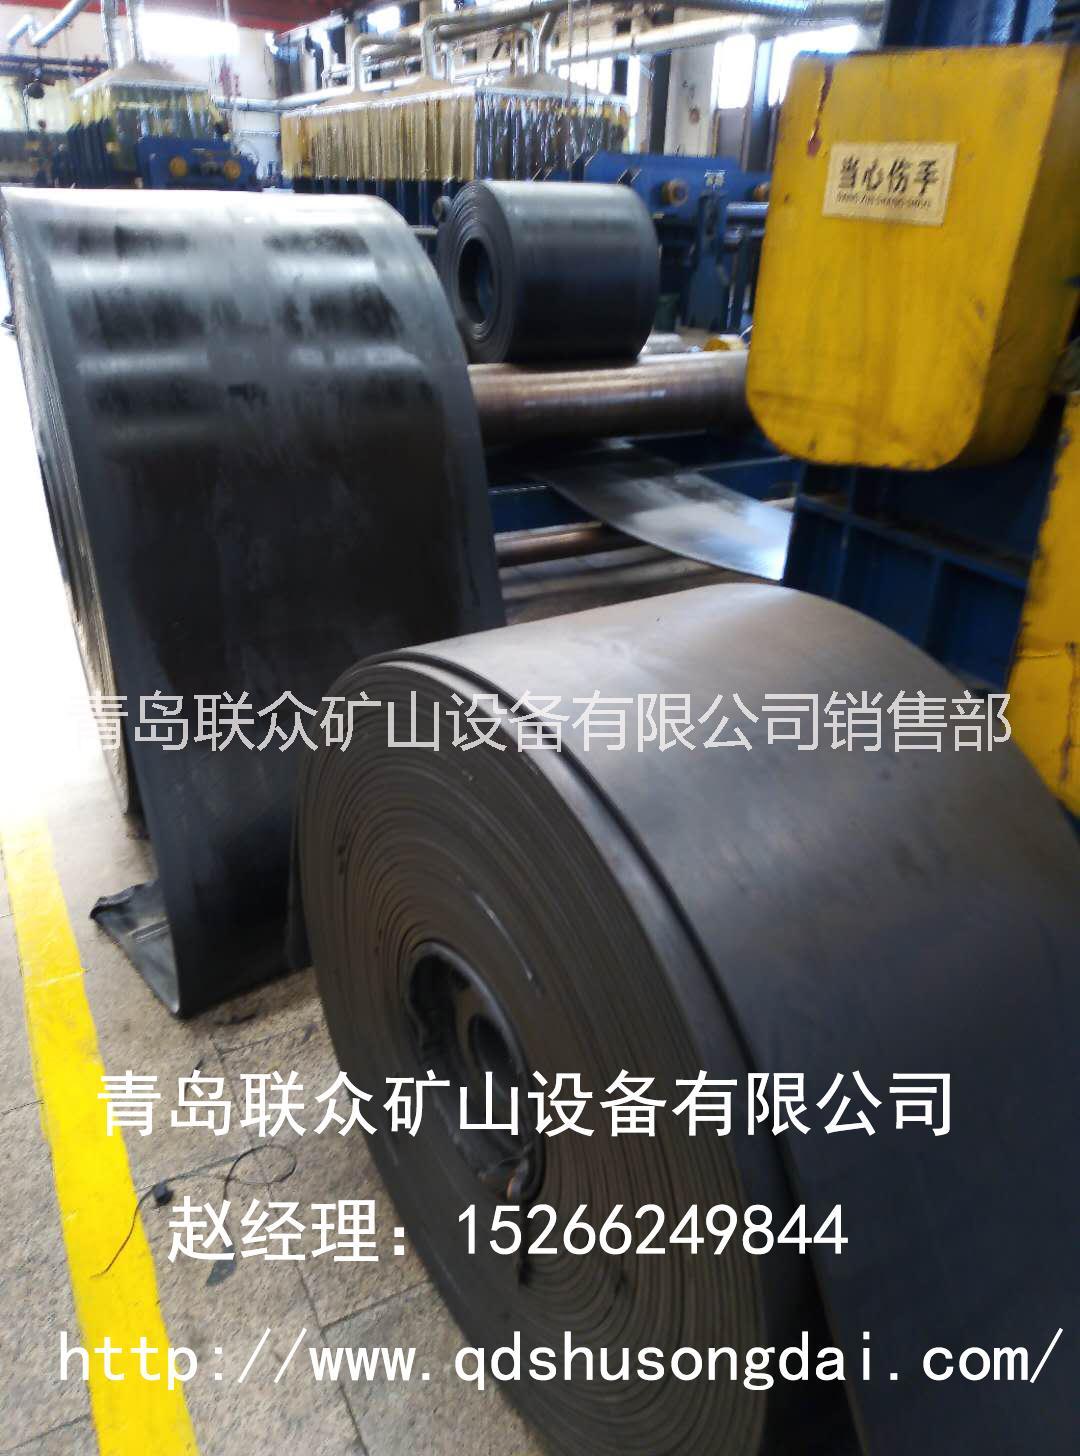 青岛高温输送带 耐热输送带高强力帆布EP200国标进口橡胶